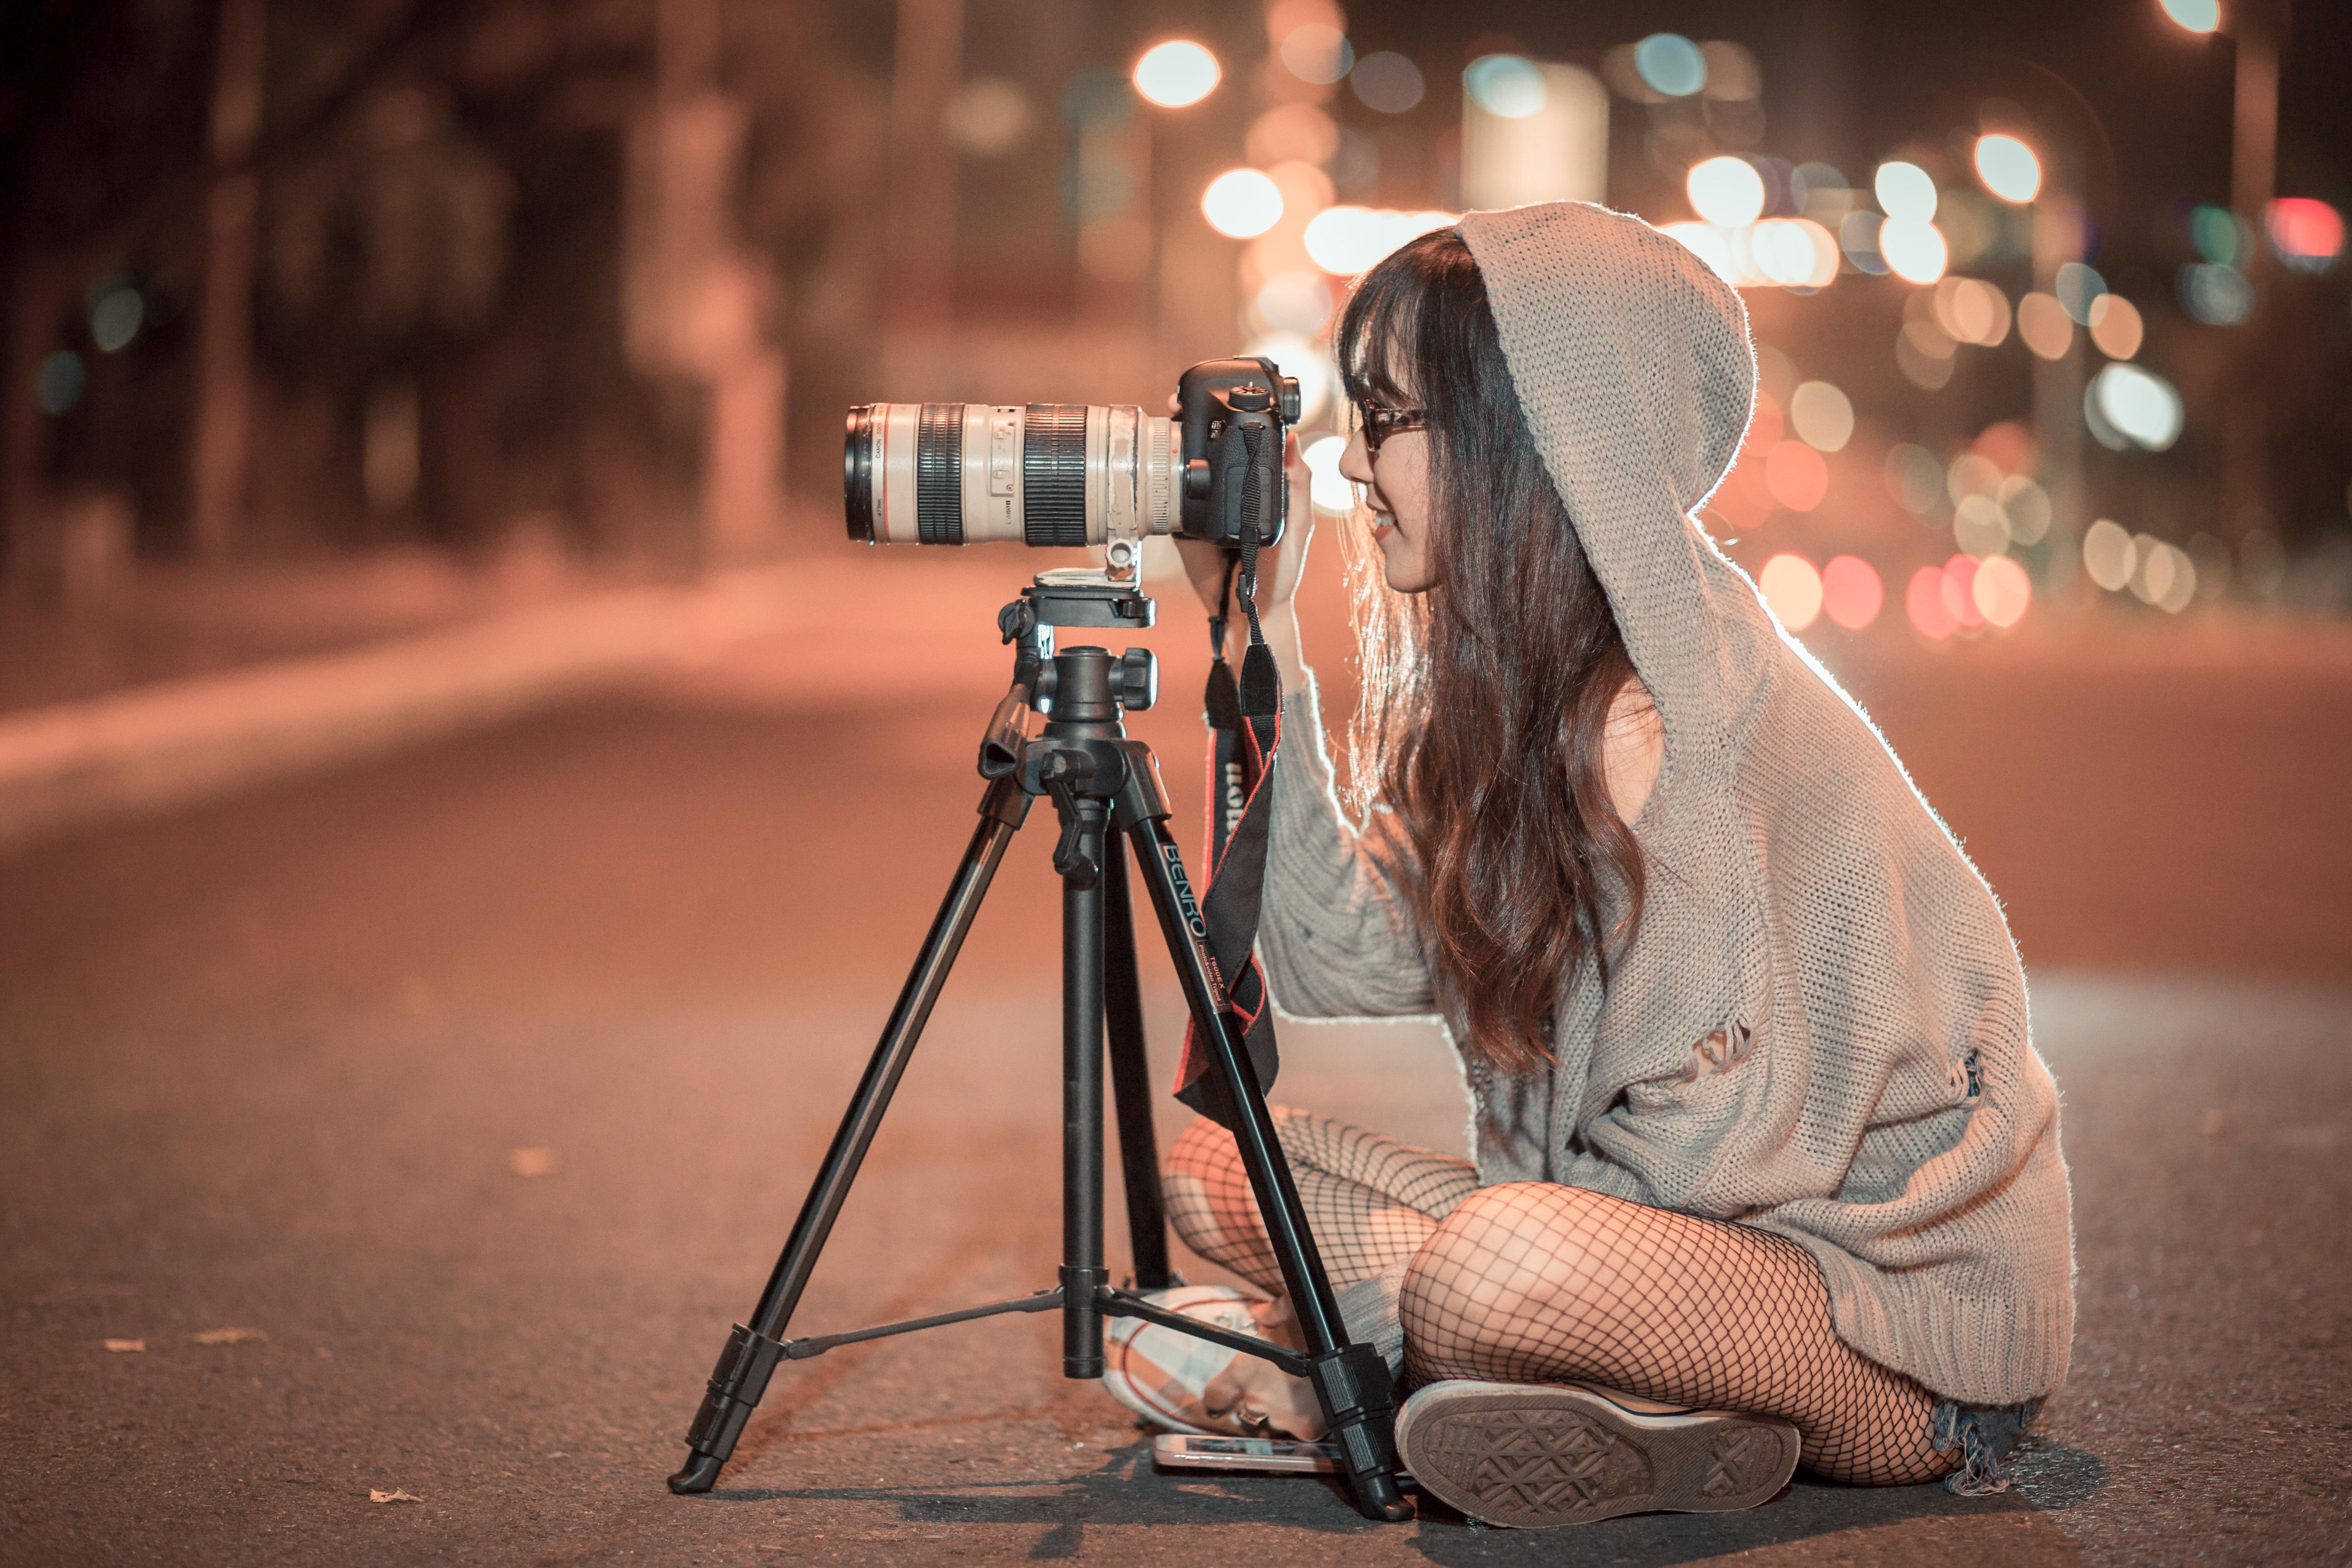 камнями сняться у профессионального фотографа специалиста макияжу причёске